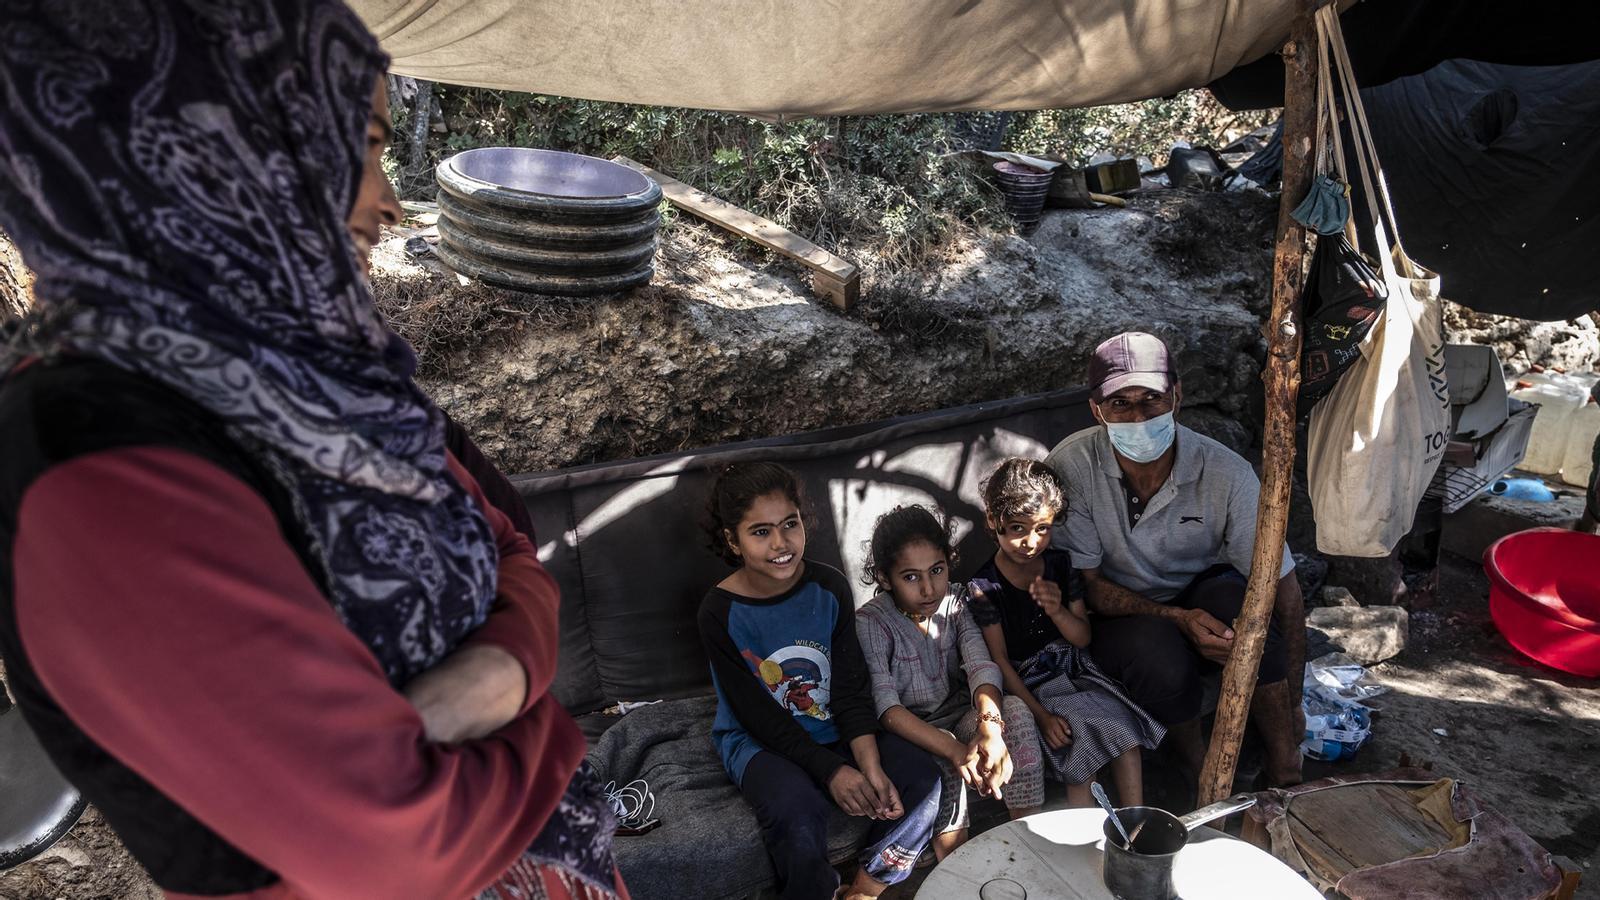 Esperant la sentència del TSJC sobre la mesa del Parlament; els contagis de covid-19 continuen enfilant-se a Catalunya; hem entrat als camps de refugiats de Samos: les claus del dia, amb Antoni Bassas (19/10/2020)